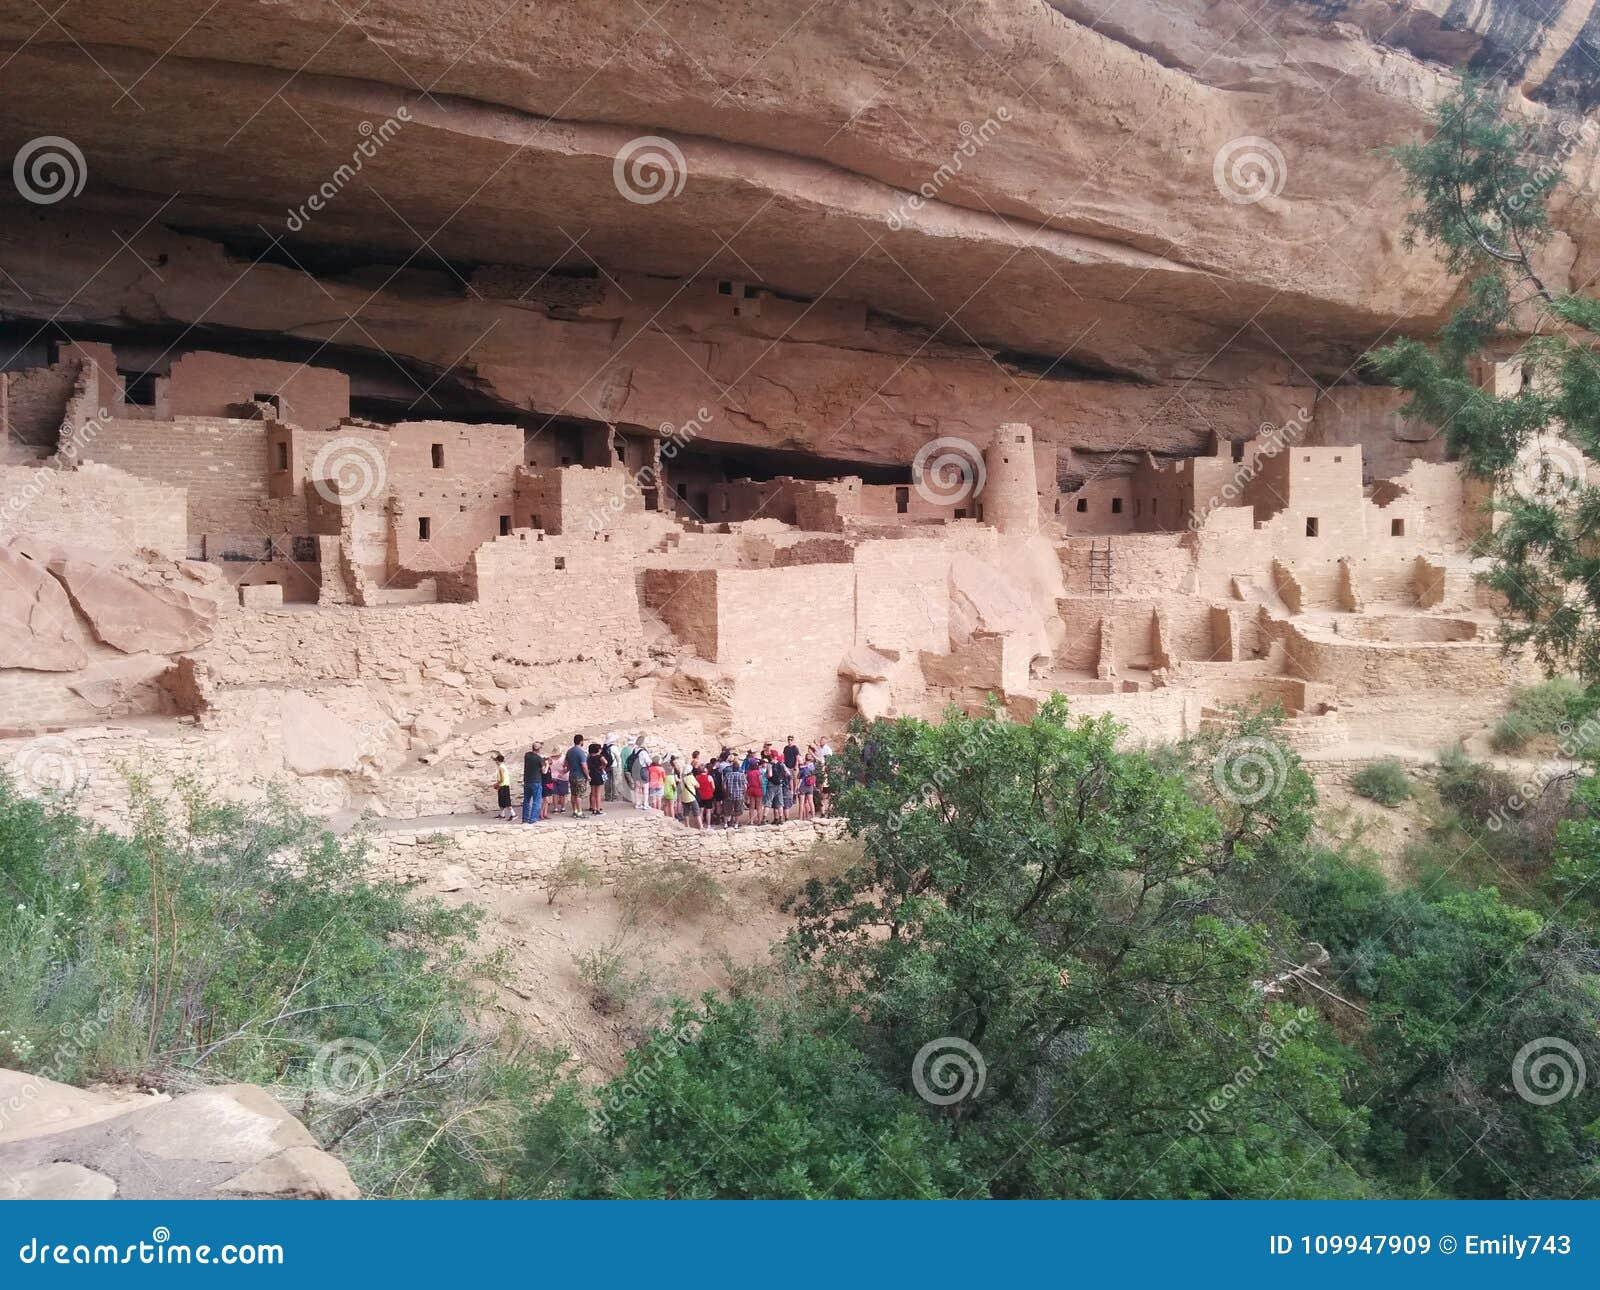 Toeristengroep bij complex van oude ruïnes in Mesa Verde National Park